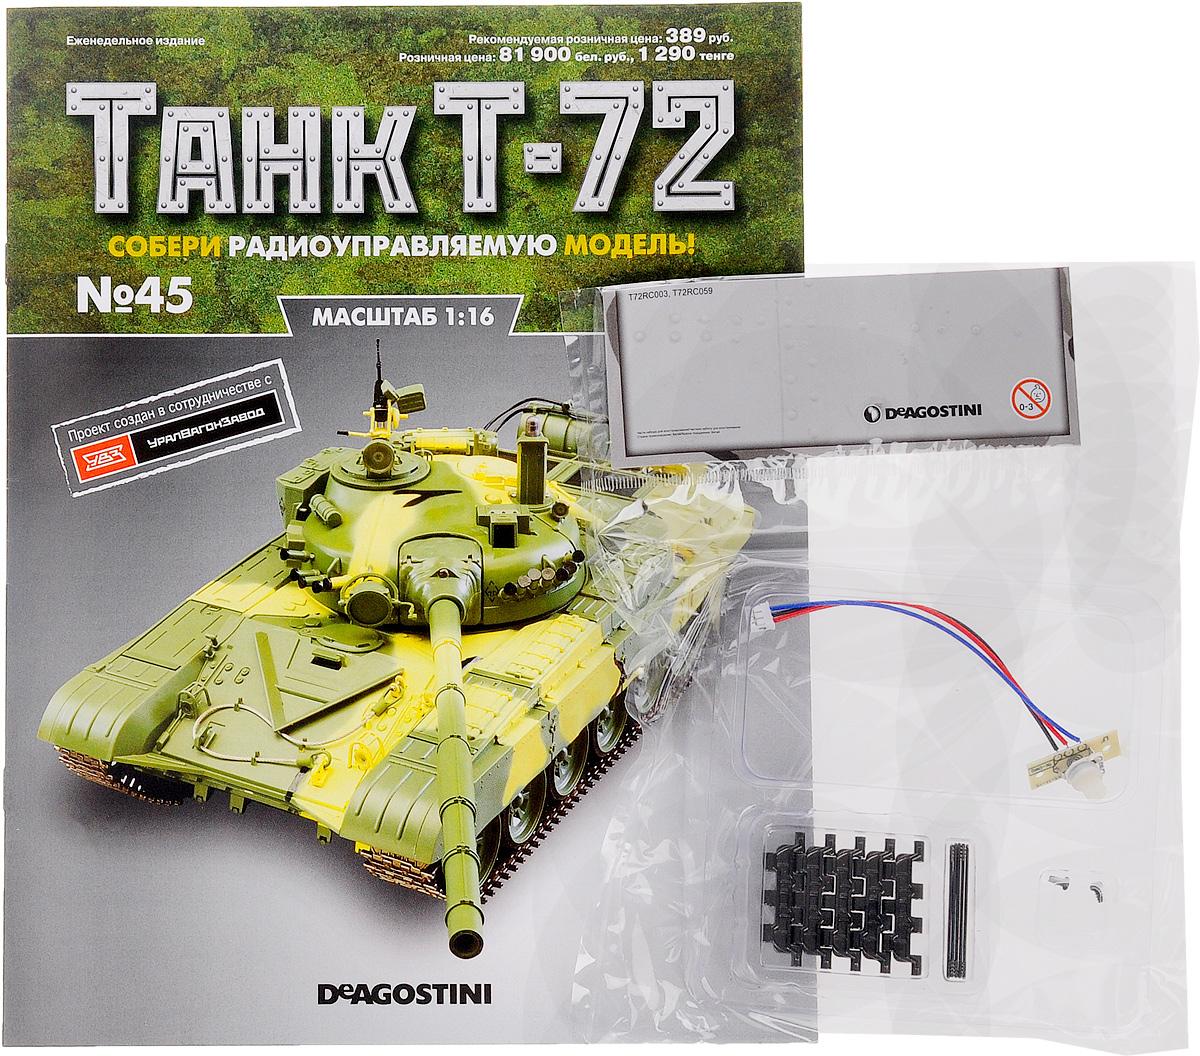 Журнал Танк Т-72 №45TANK045Перед вами - журнал из уникальной серии партворков Танк Т-72 с увлекательной информацией о легендарных боевых машинах и элементами для сборки копии танка Т-72 в уменьшенном варианте 1:16. У вас есть возможность собственноручно создать высококачественную модель этого знаменитого танка с достоверным воспроизведением всех элементов, сохранением функций подлинной боевой машины и дистанционным управлением. В комплект с номером входят очередной набор штифтов и траков, а также новый компонент электронной системы для модели. Категория 16+.